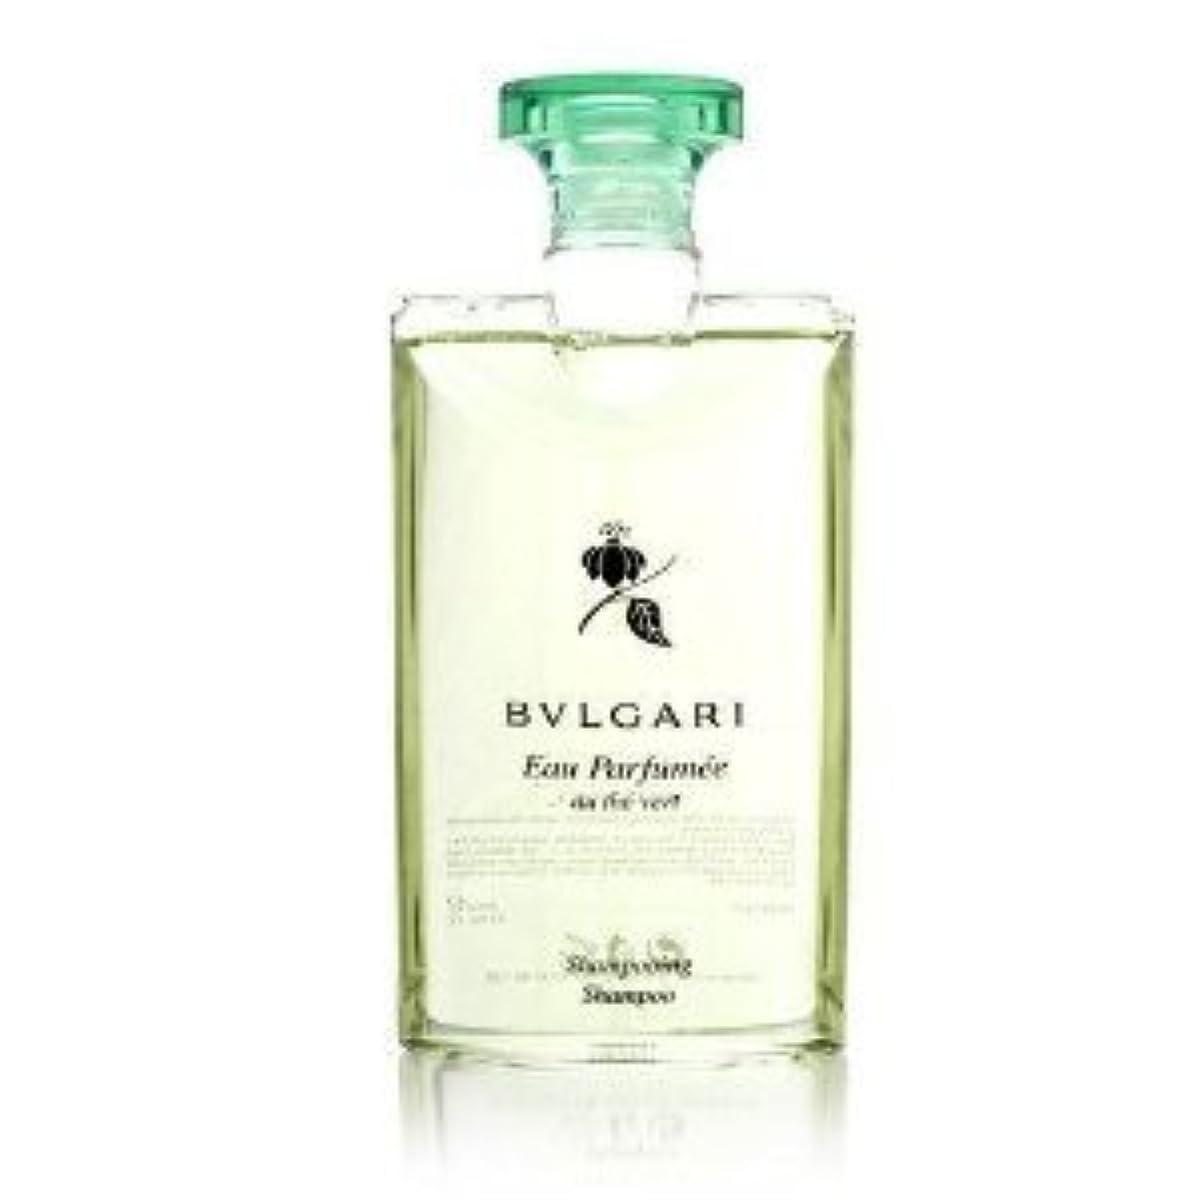 該当する拍手するへこみBvlgari Eau Parfumee au the vert (ブルガリ オー パフュ-メ オウ ザ バート / グリーン ティー) 2.5 oz (75ml) シャンプー